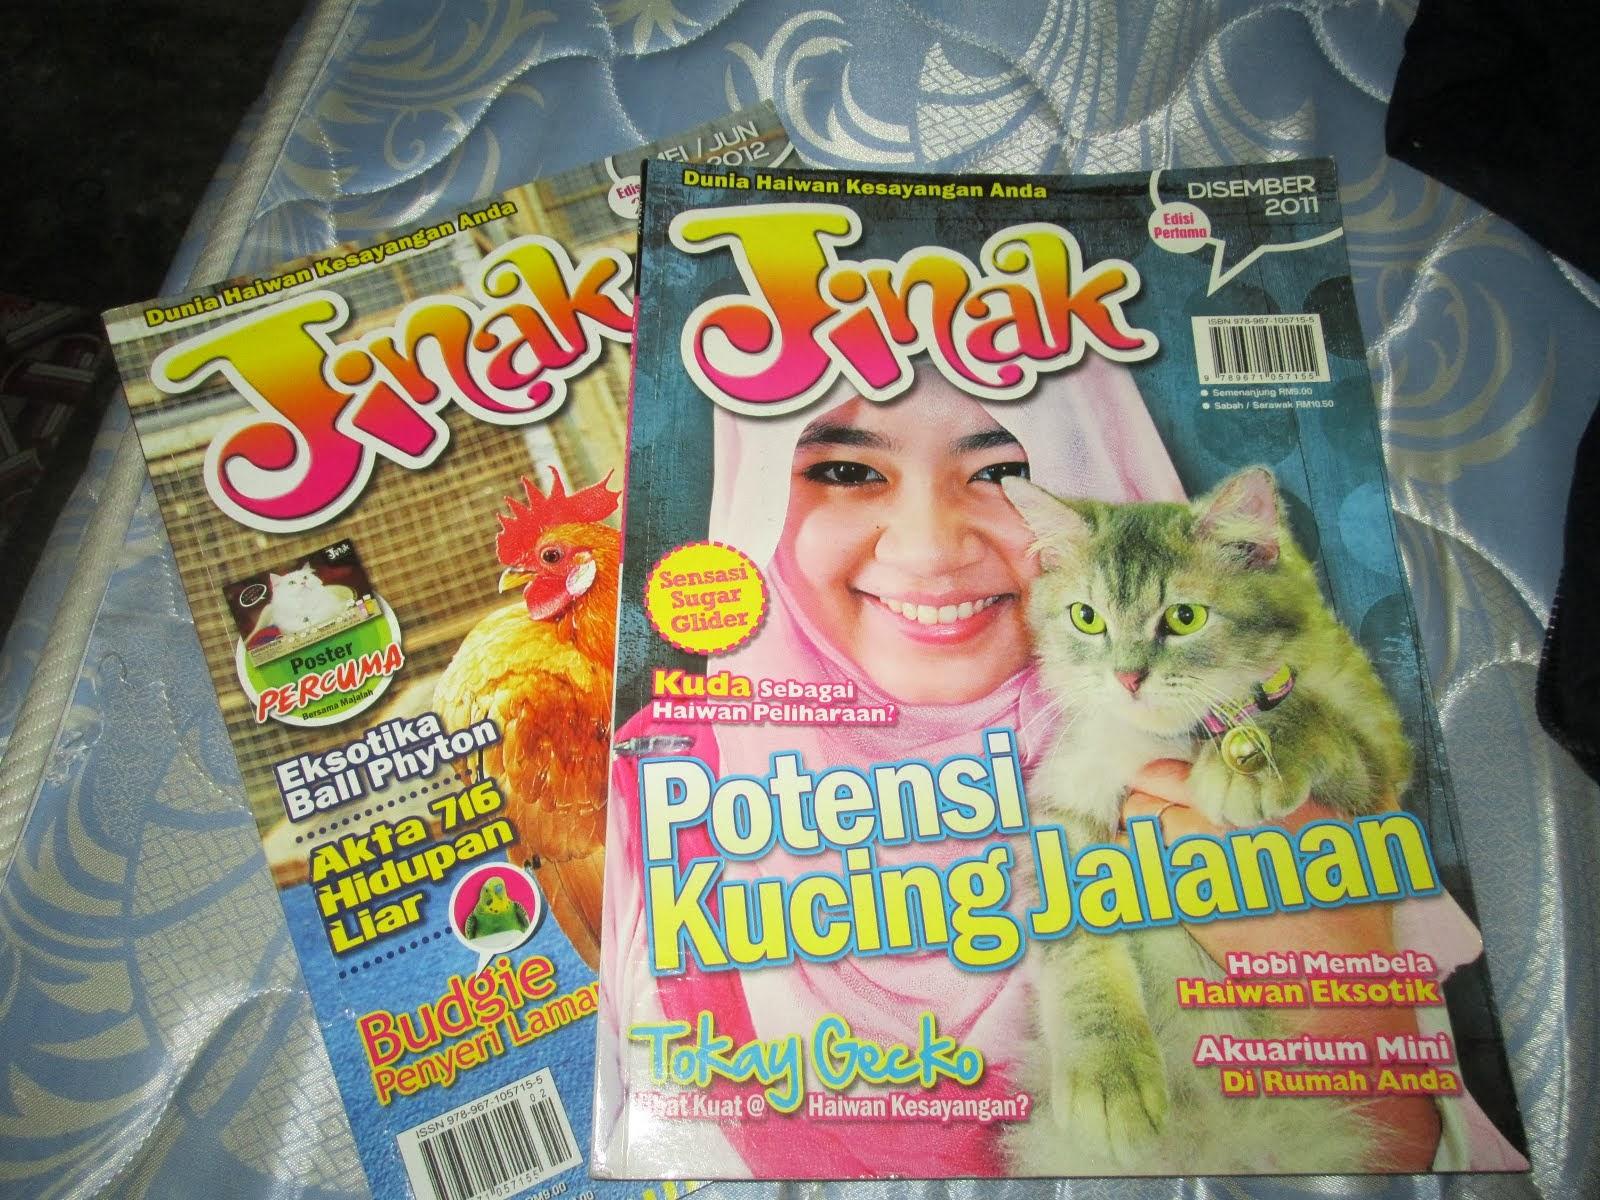 Hasilkarya ( Majalah Jinak )